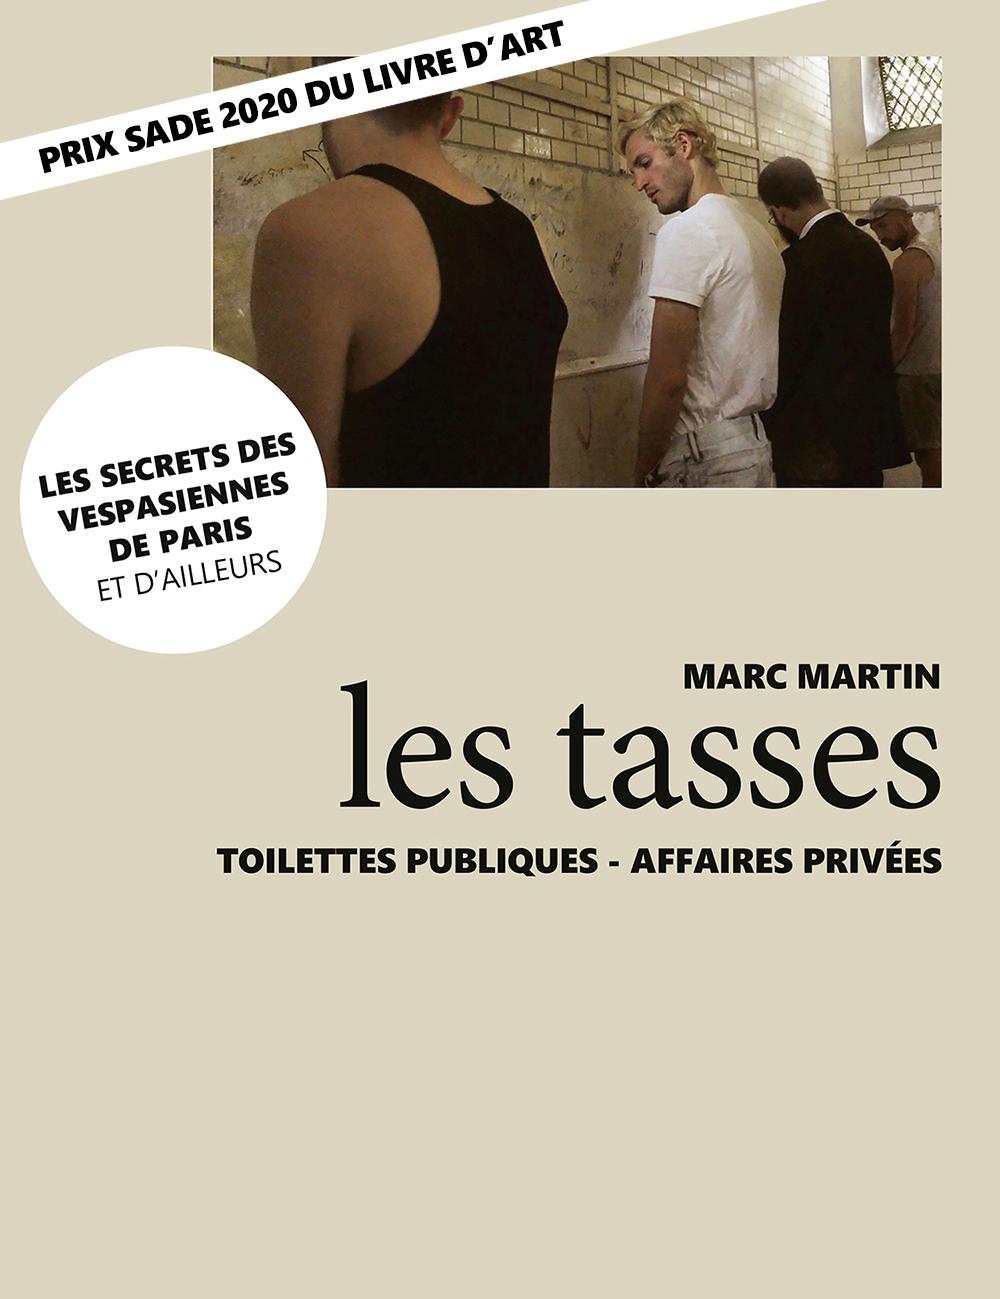 http://elagua.eu/imgShop/MARCMARTIN/BOOK-1568307620/cover.jpg